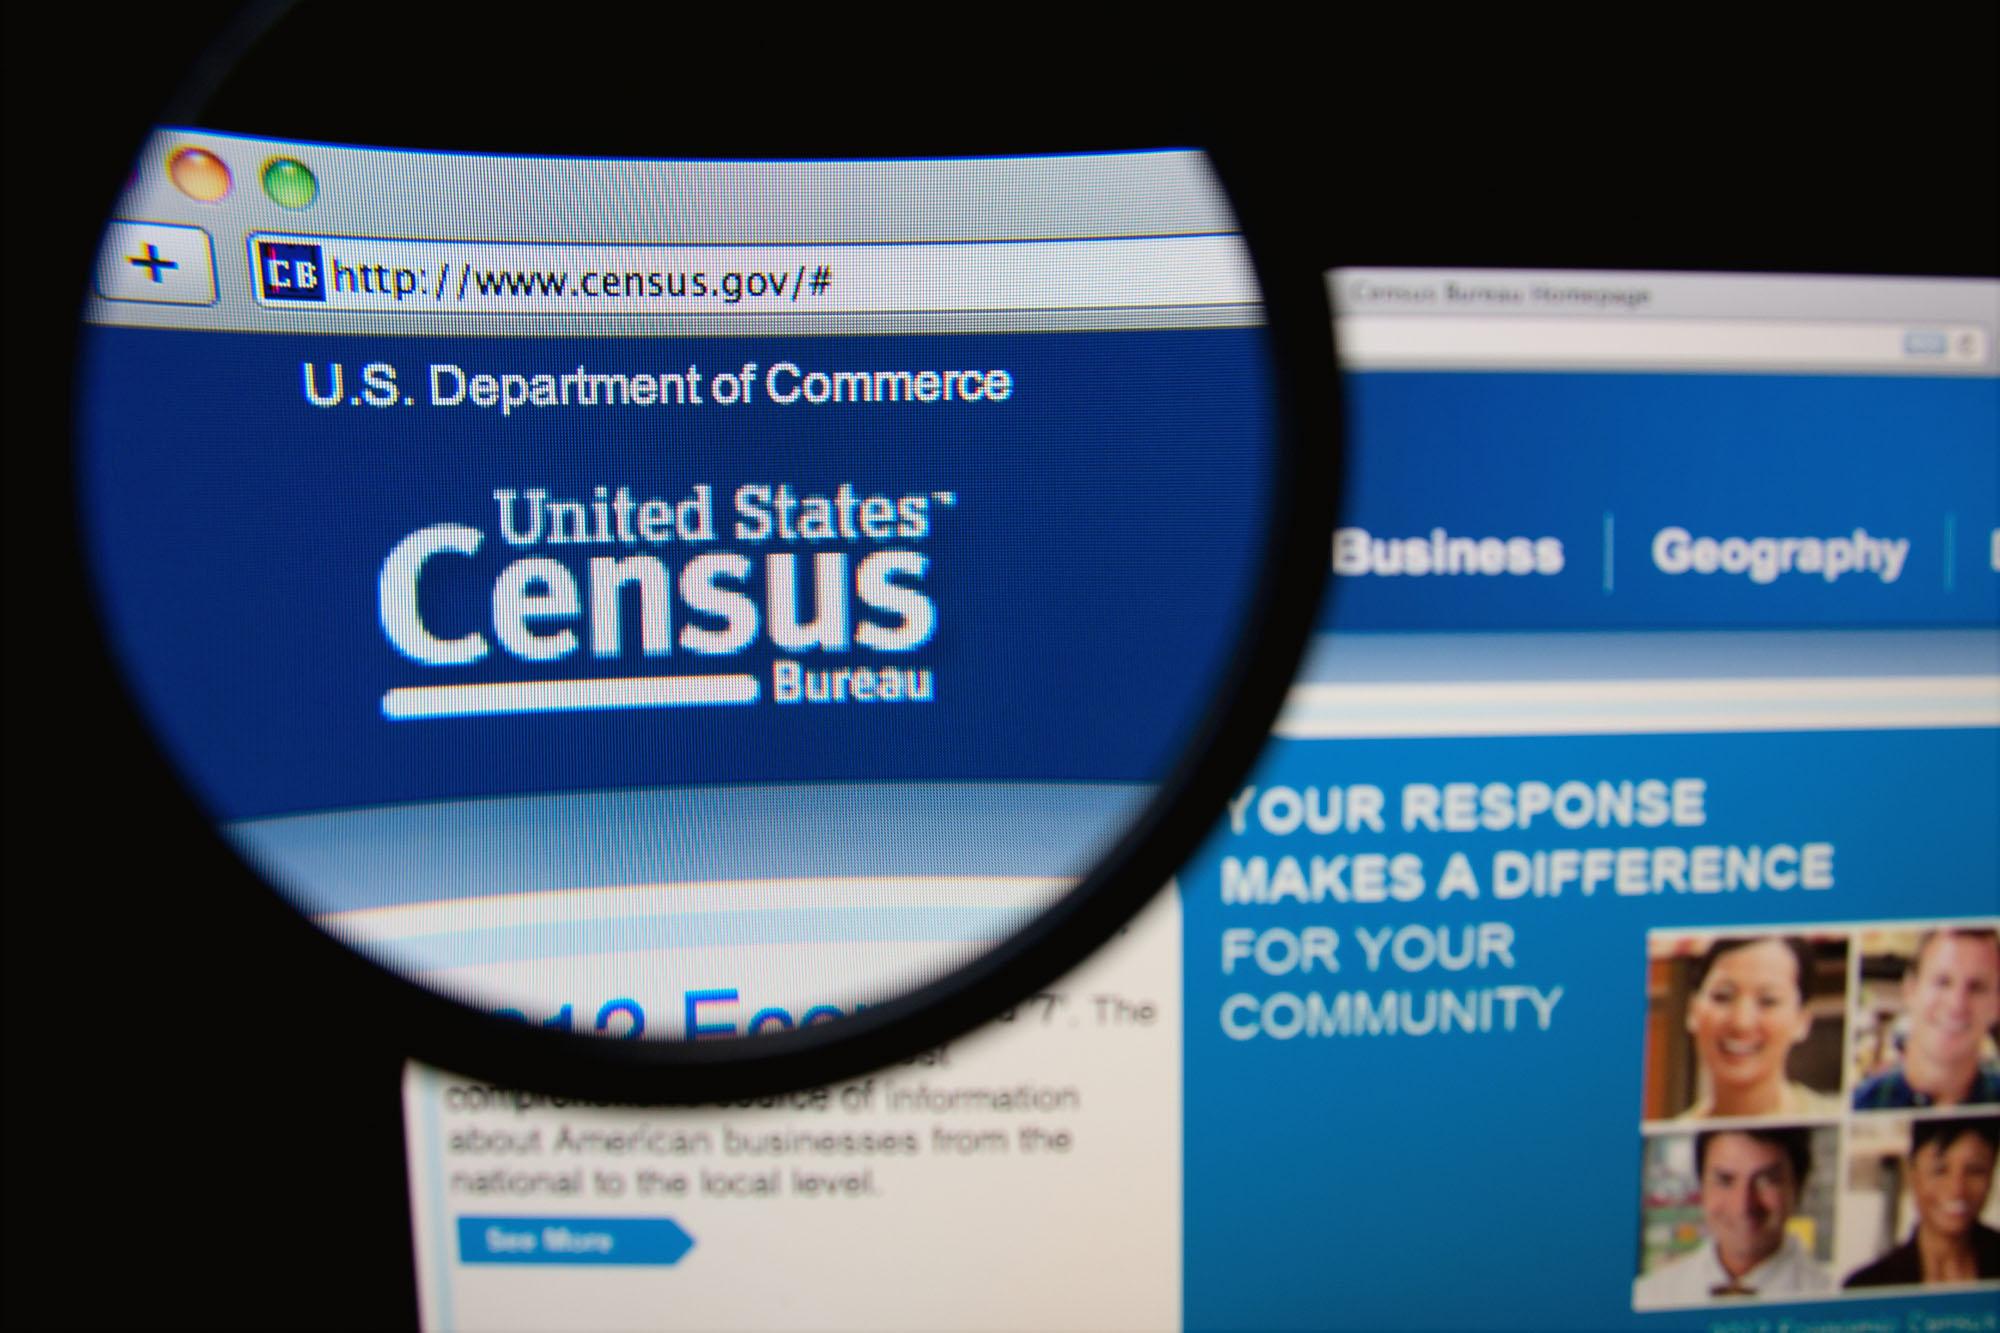 CensusWebSite